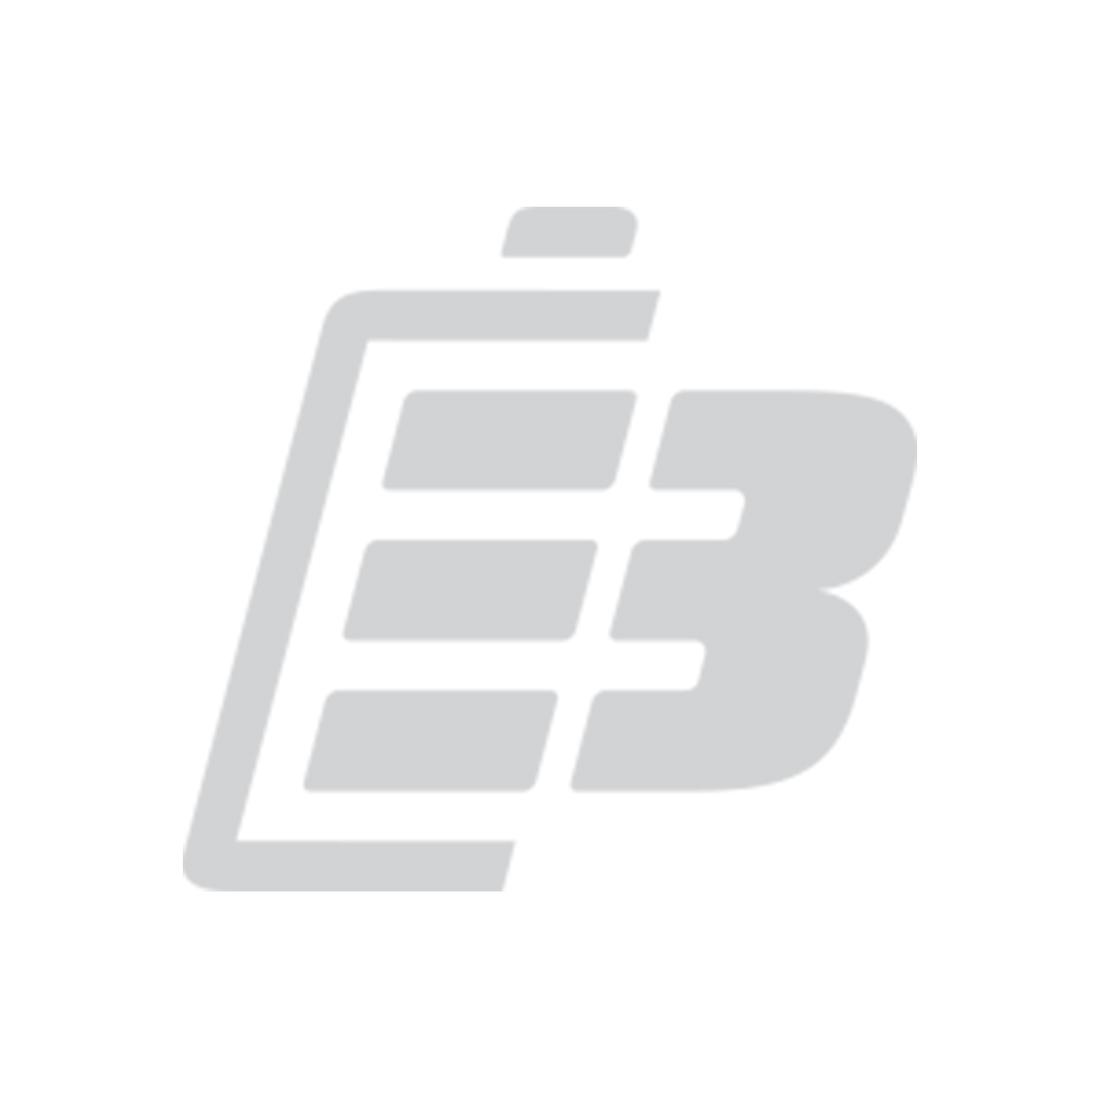 Camera battery charger JVC BN-VM200U_1